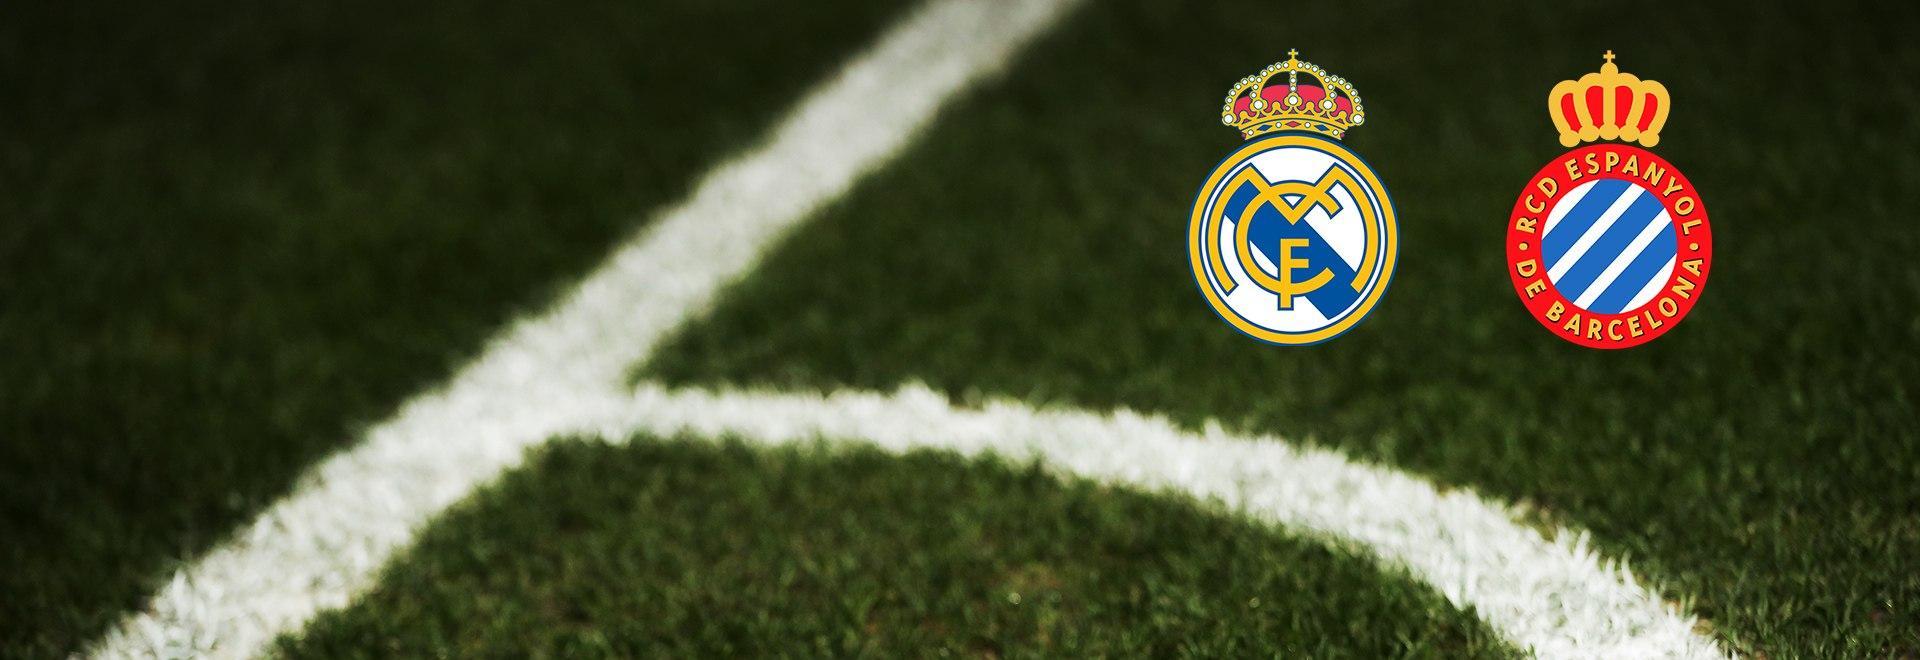 Real Madrid - Espanyol. 16a g.